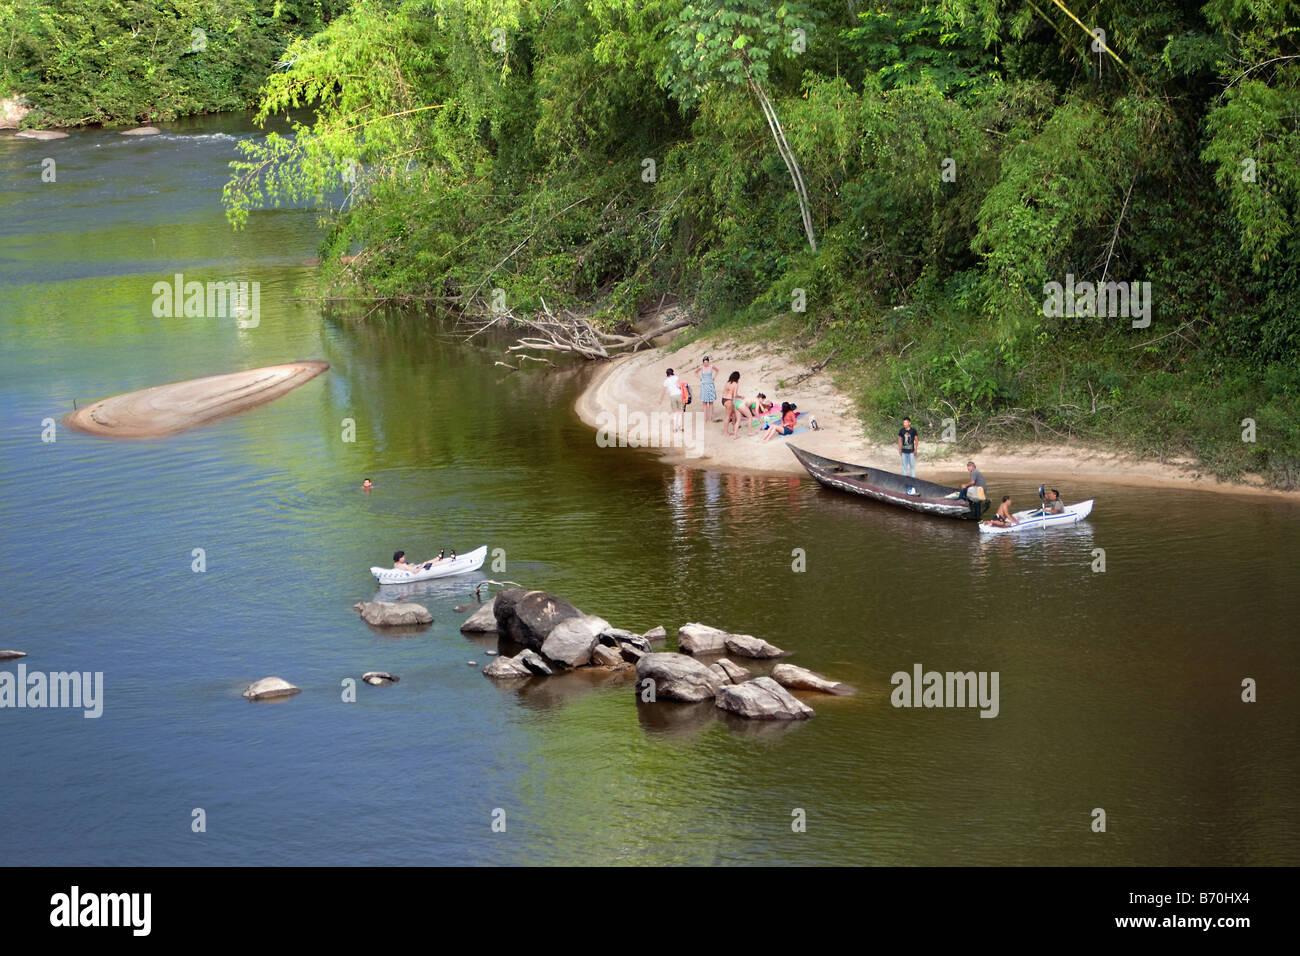 Suriname, Kwamalasamutu, Tourists swimming and kayaking in Sipaliwini river near lodge called Iwana Samu. - Stock Image